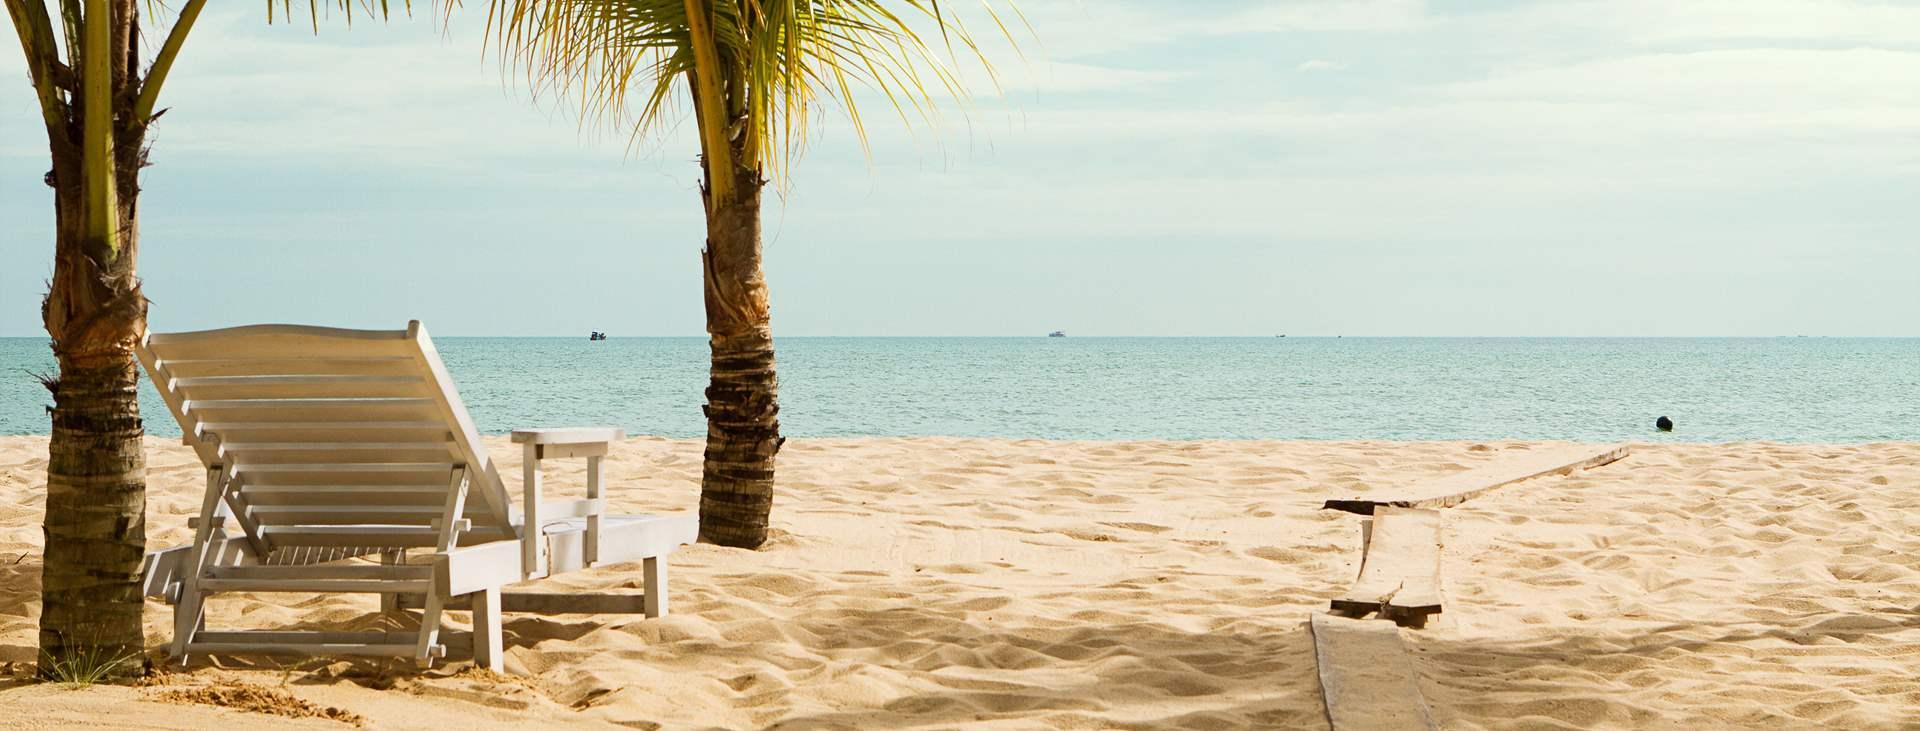 Resor till Phu Quoc i Vietnam